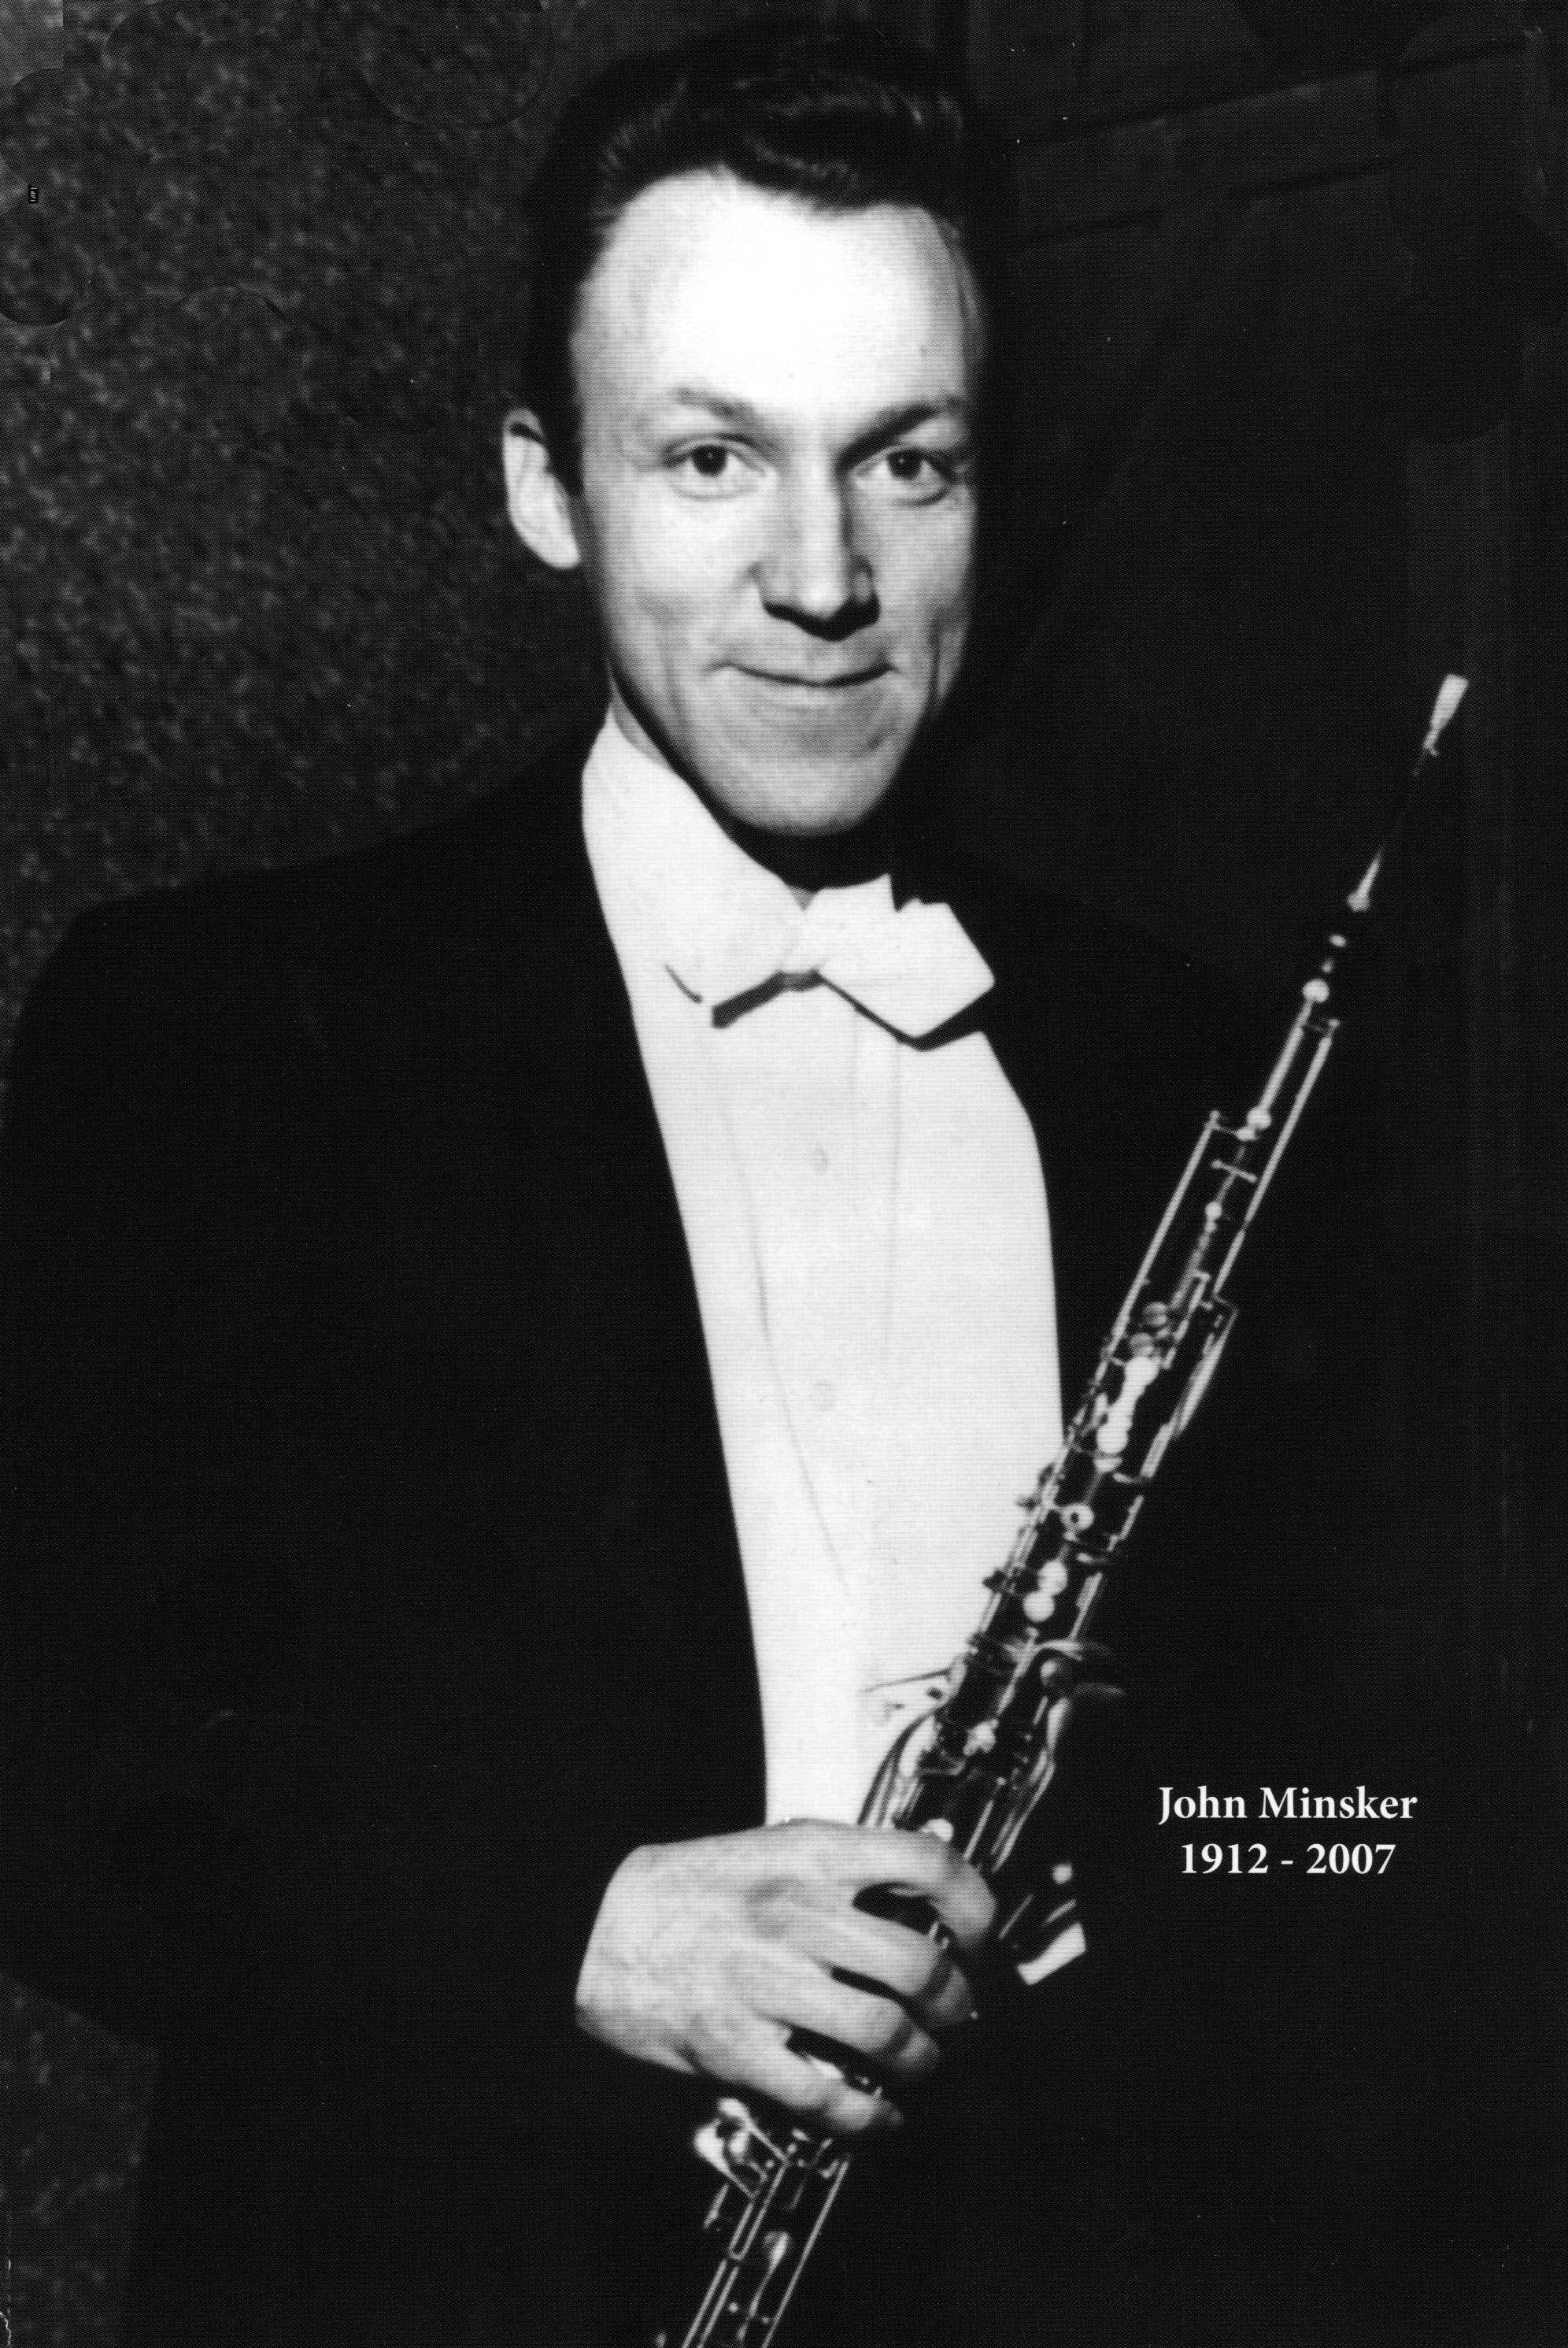 John Minsker2.jpg